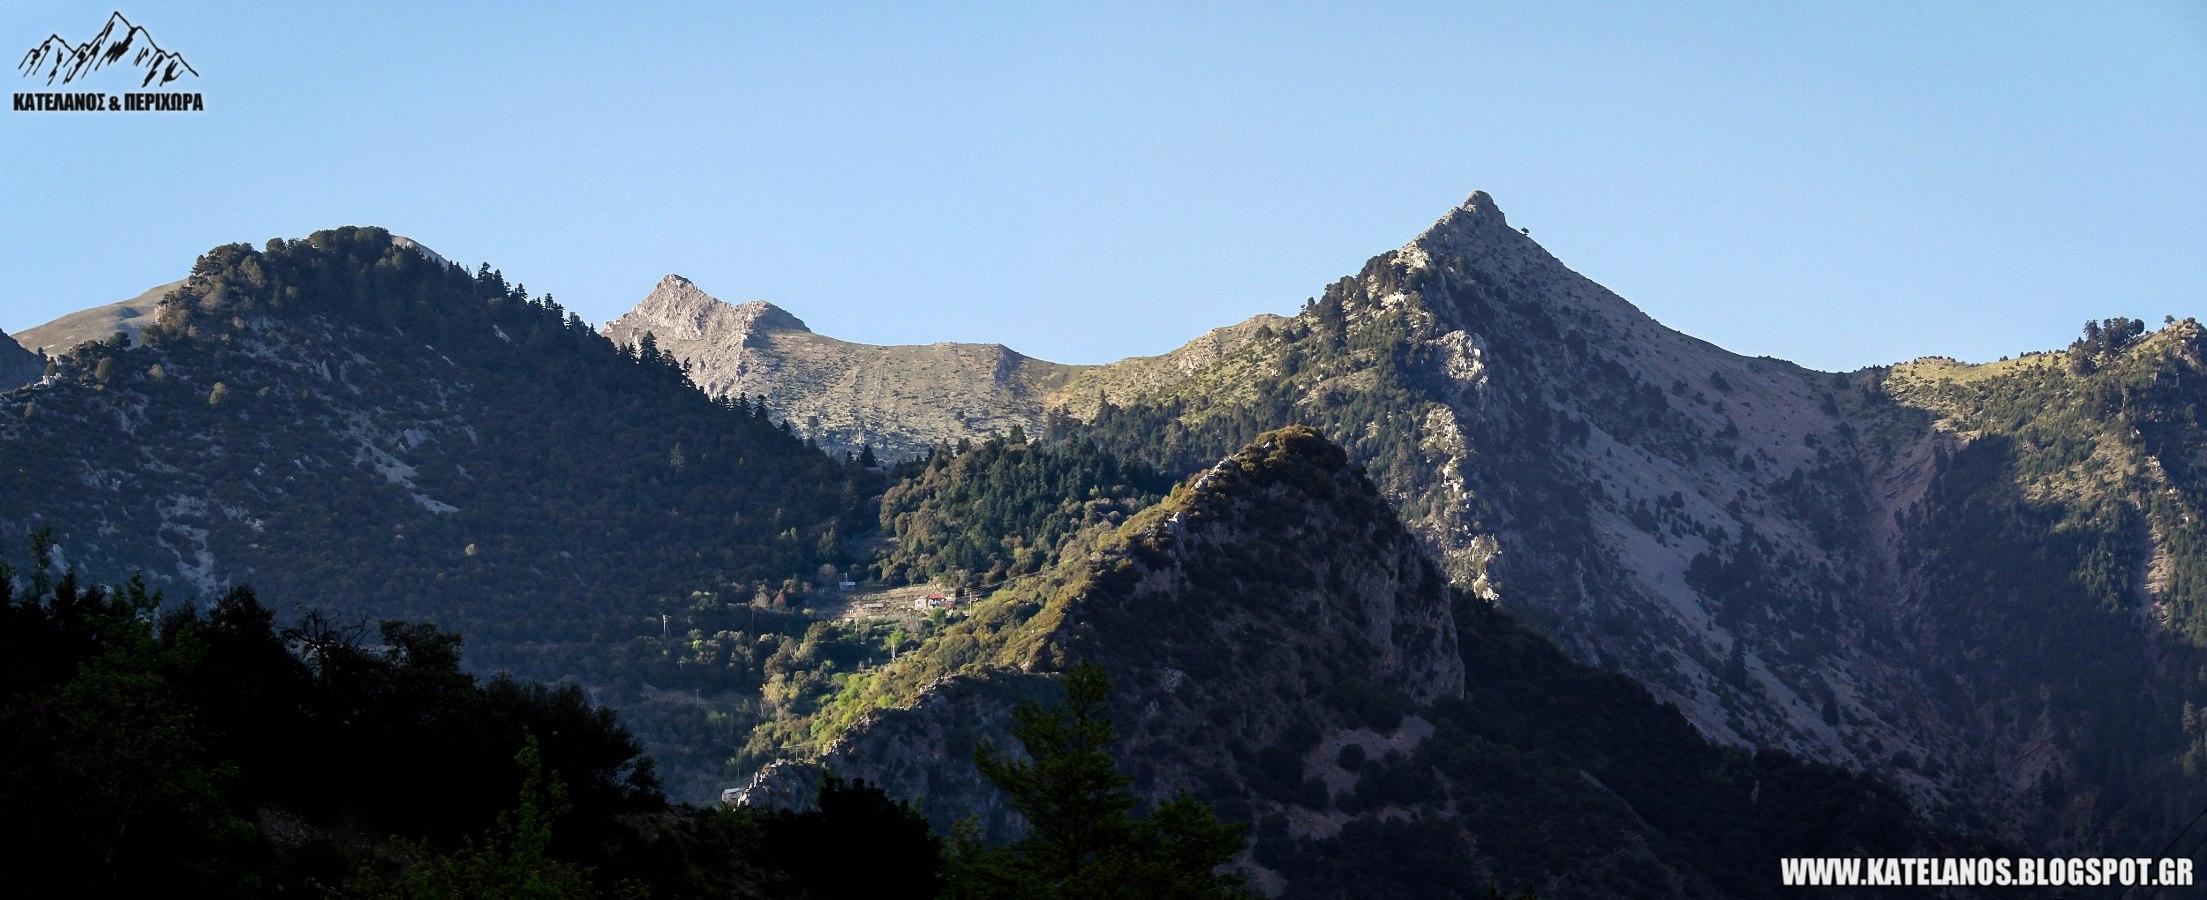 ορος χελιδονα ευρυτανιας βουνοκορφες βουνο δερματι ορεινη ελλαδα